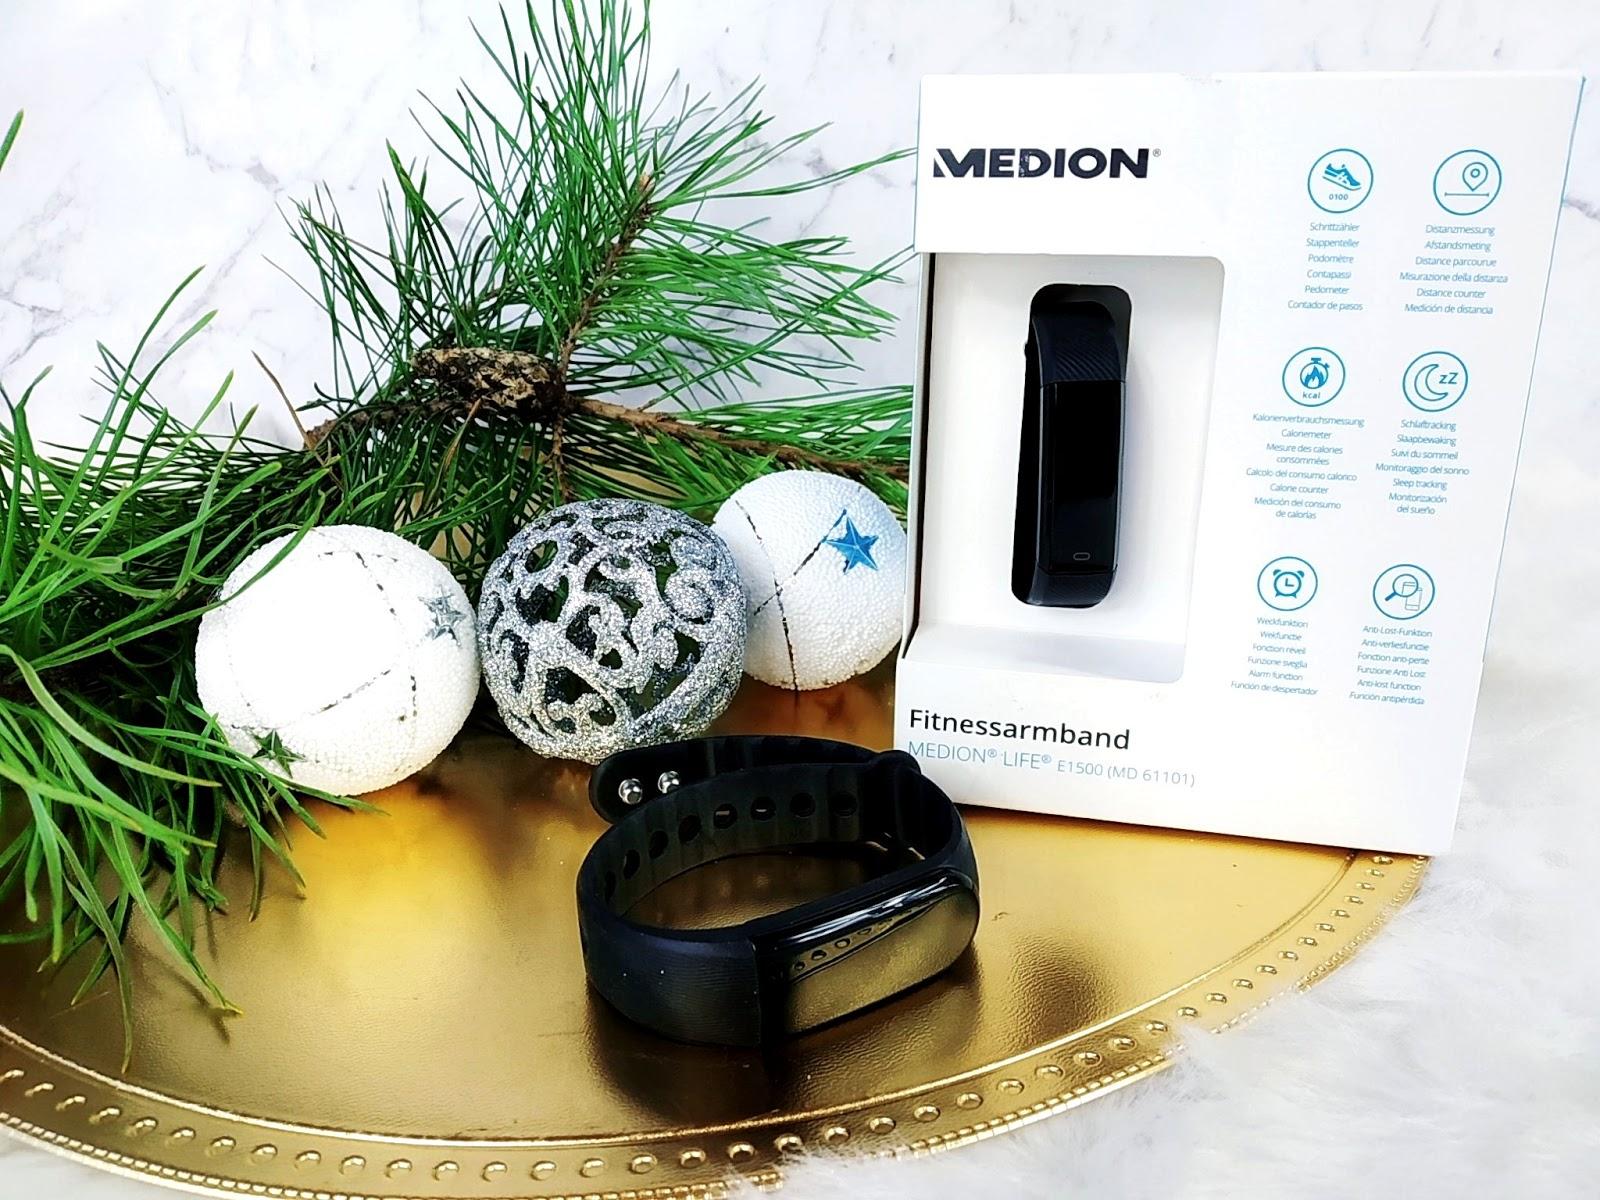 Opaski fitness marki MEDION - masa funkcji za niezwykle niską cenę!